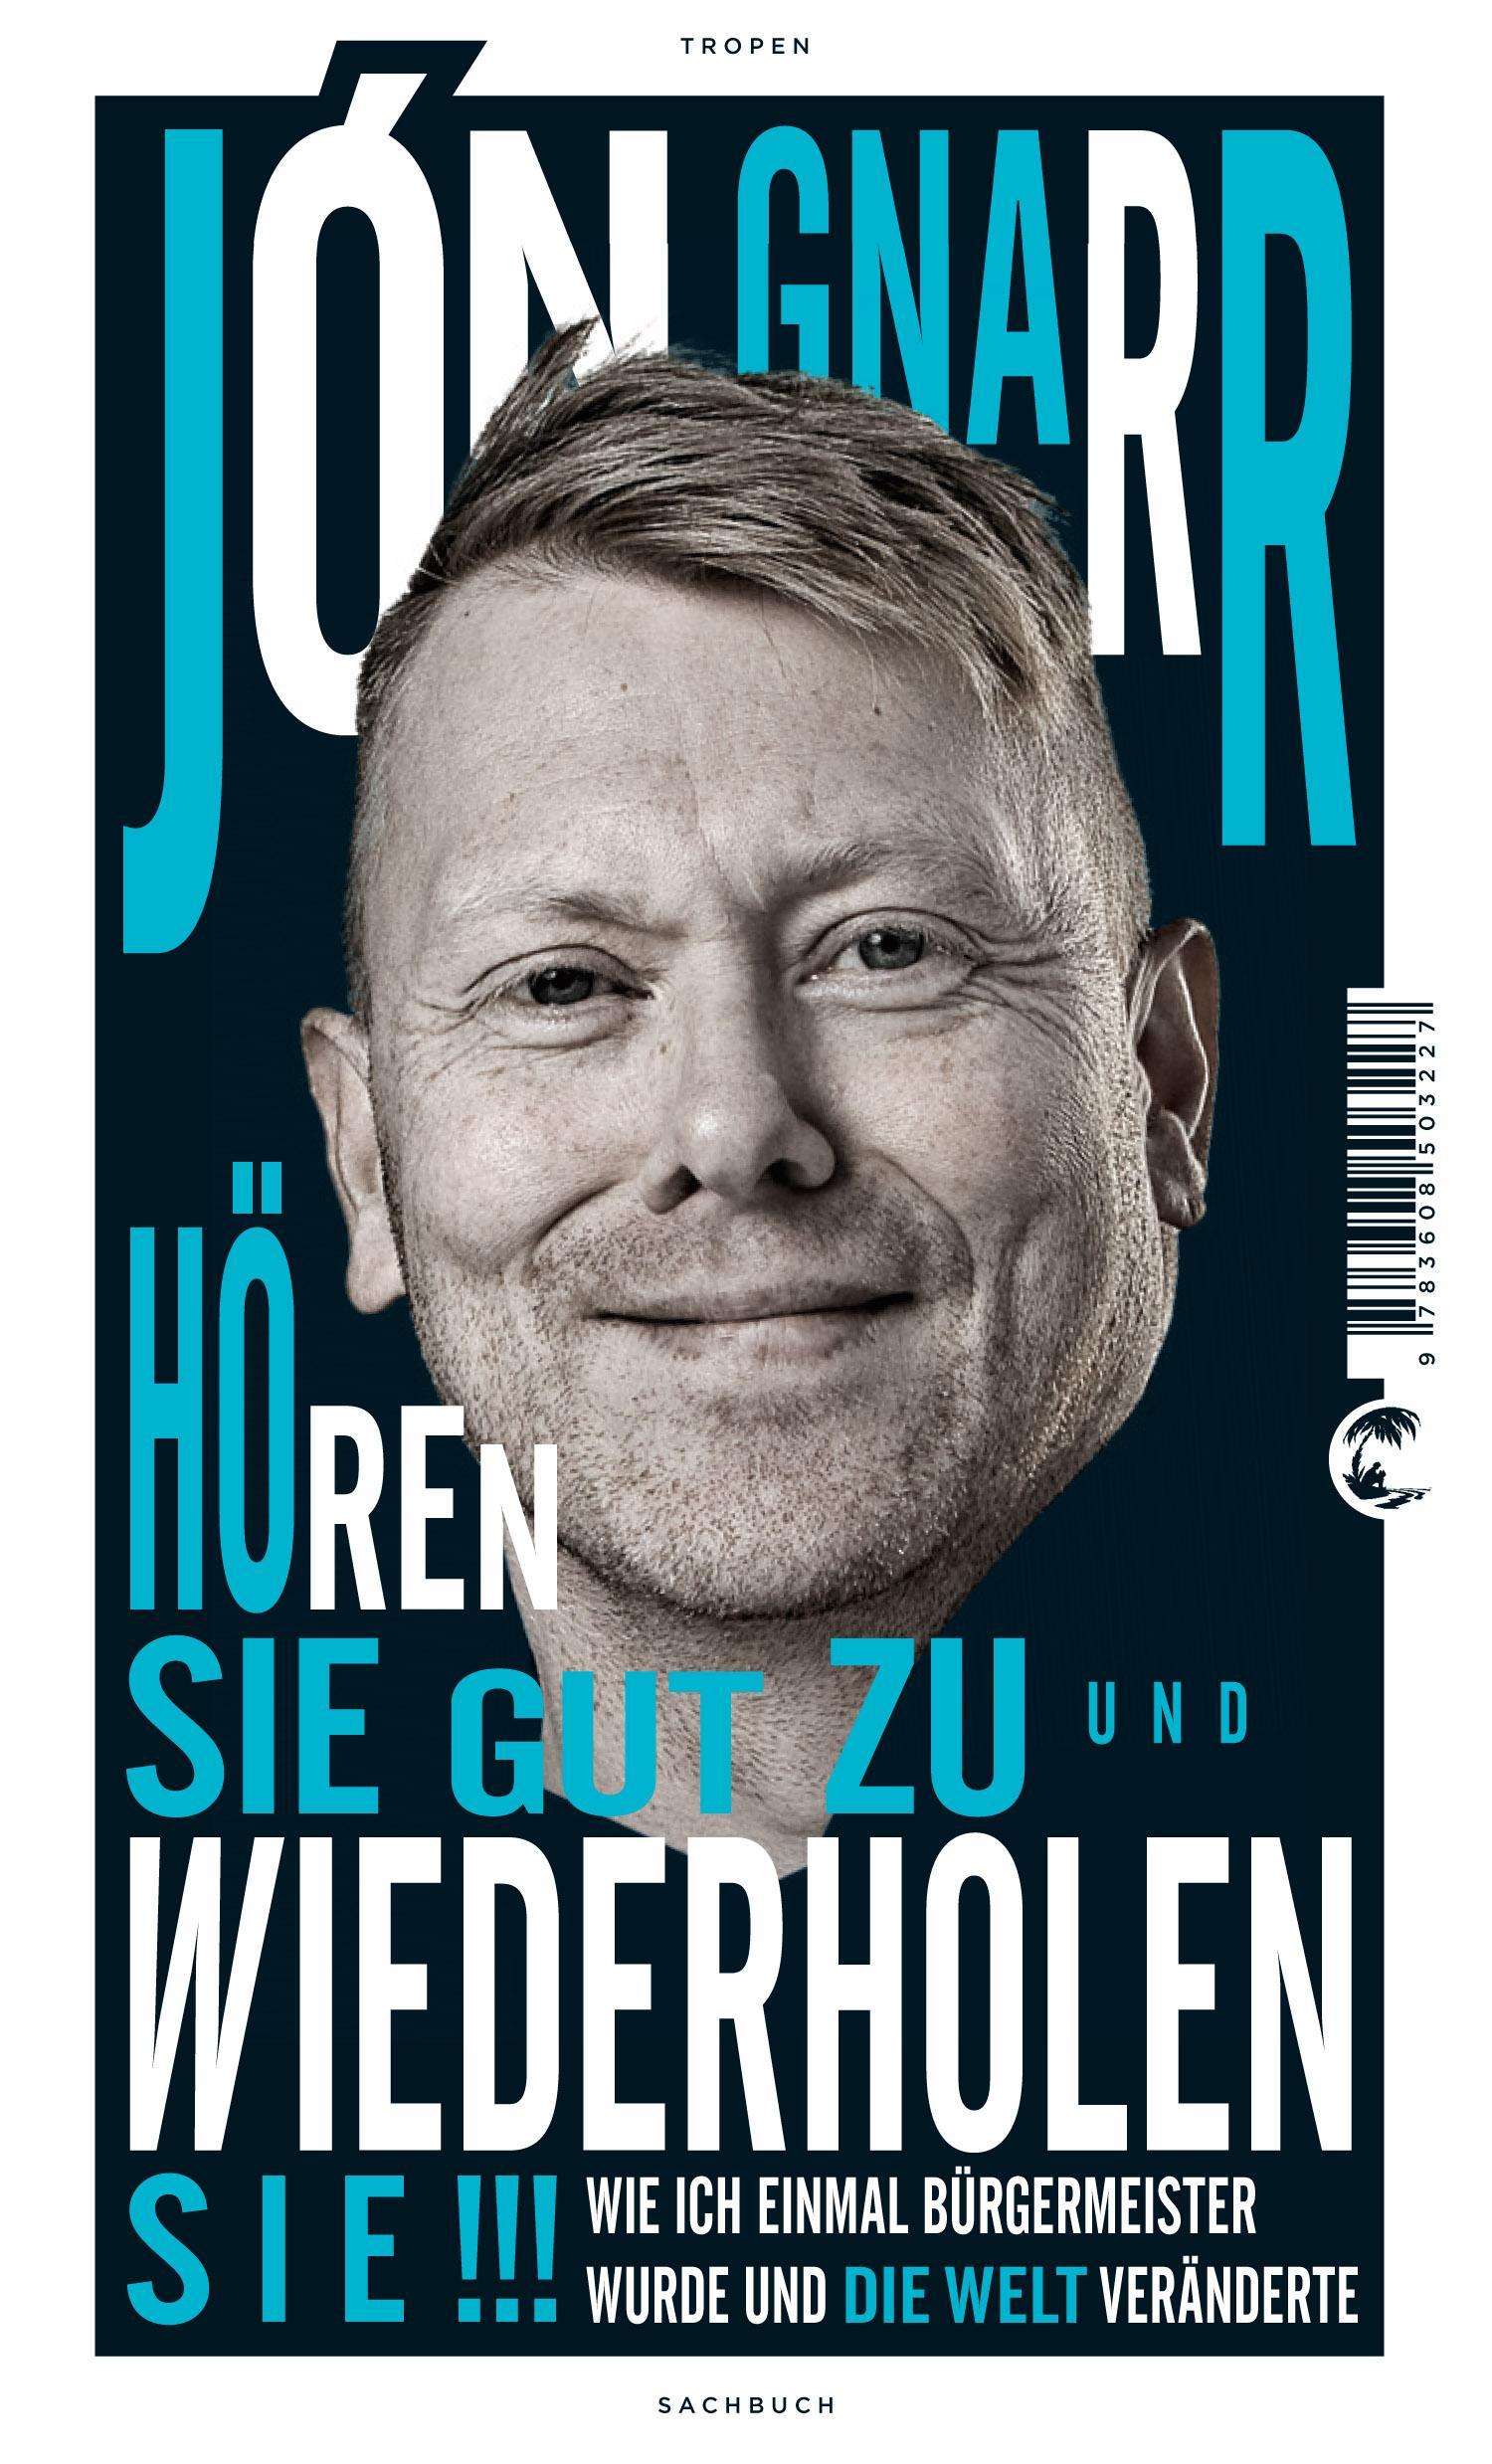 Hören Sie gut zu und wiederholen Sie: Wie ich einmal Bürgermeister wurde und die Welt veränderte - Jon Gnarr